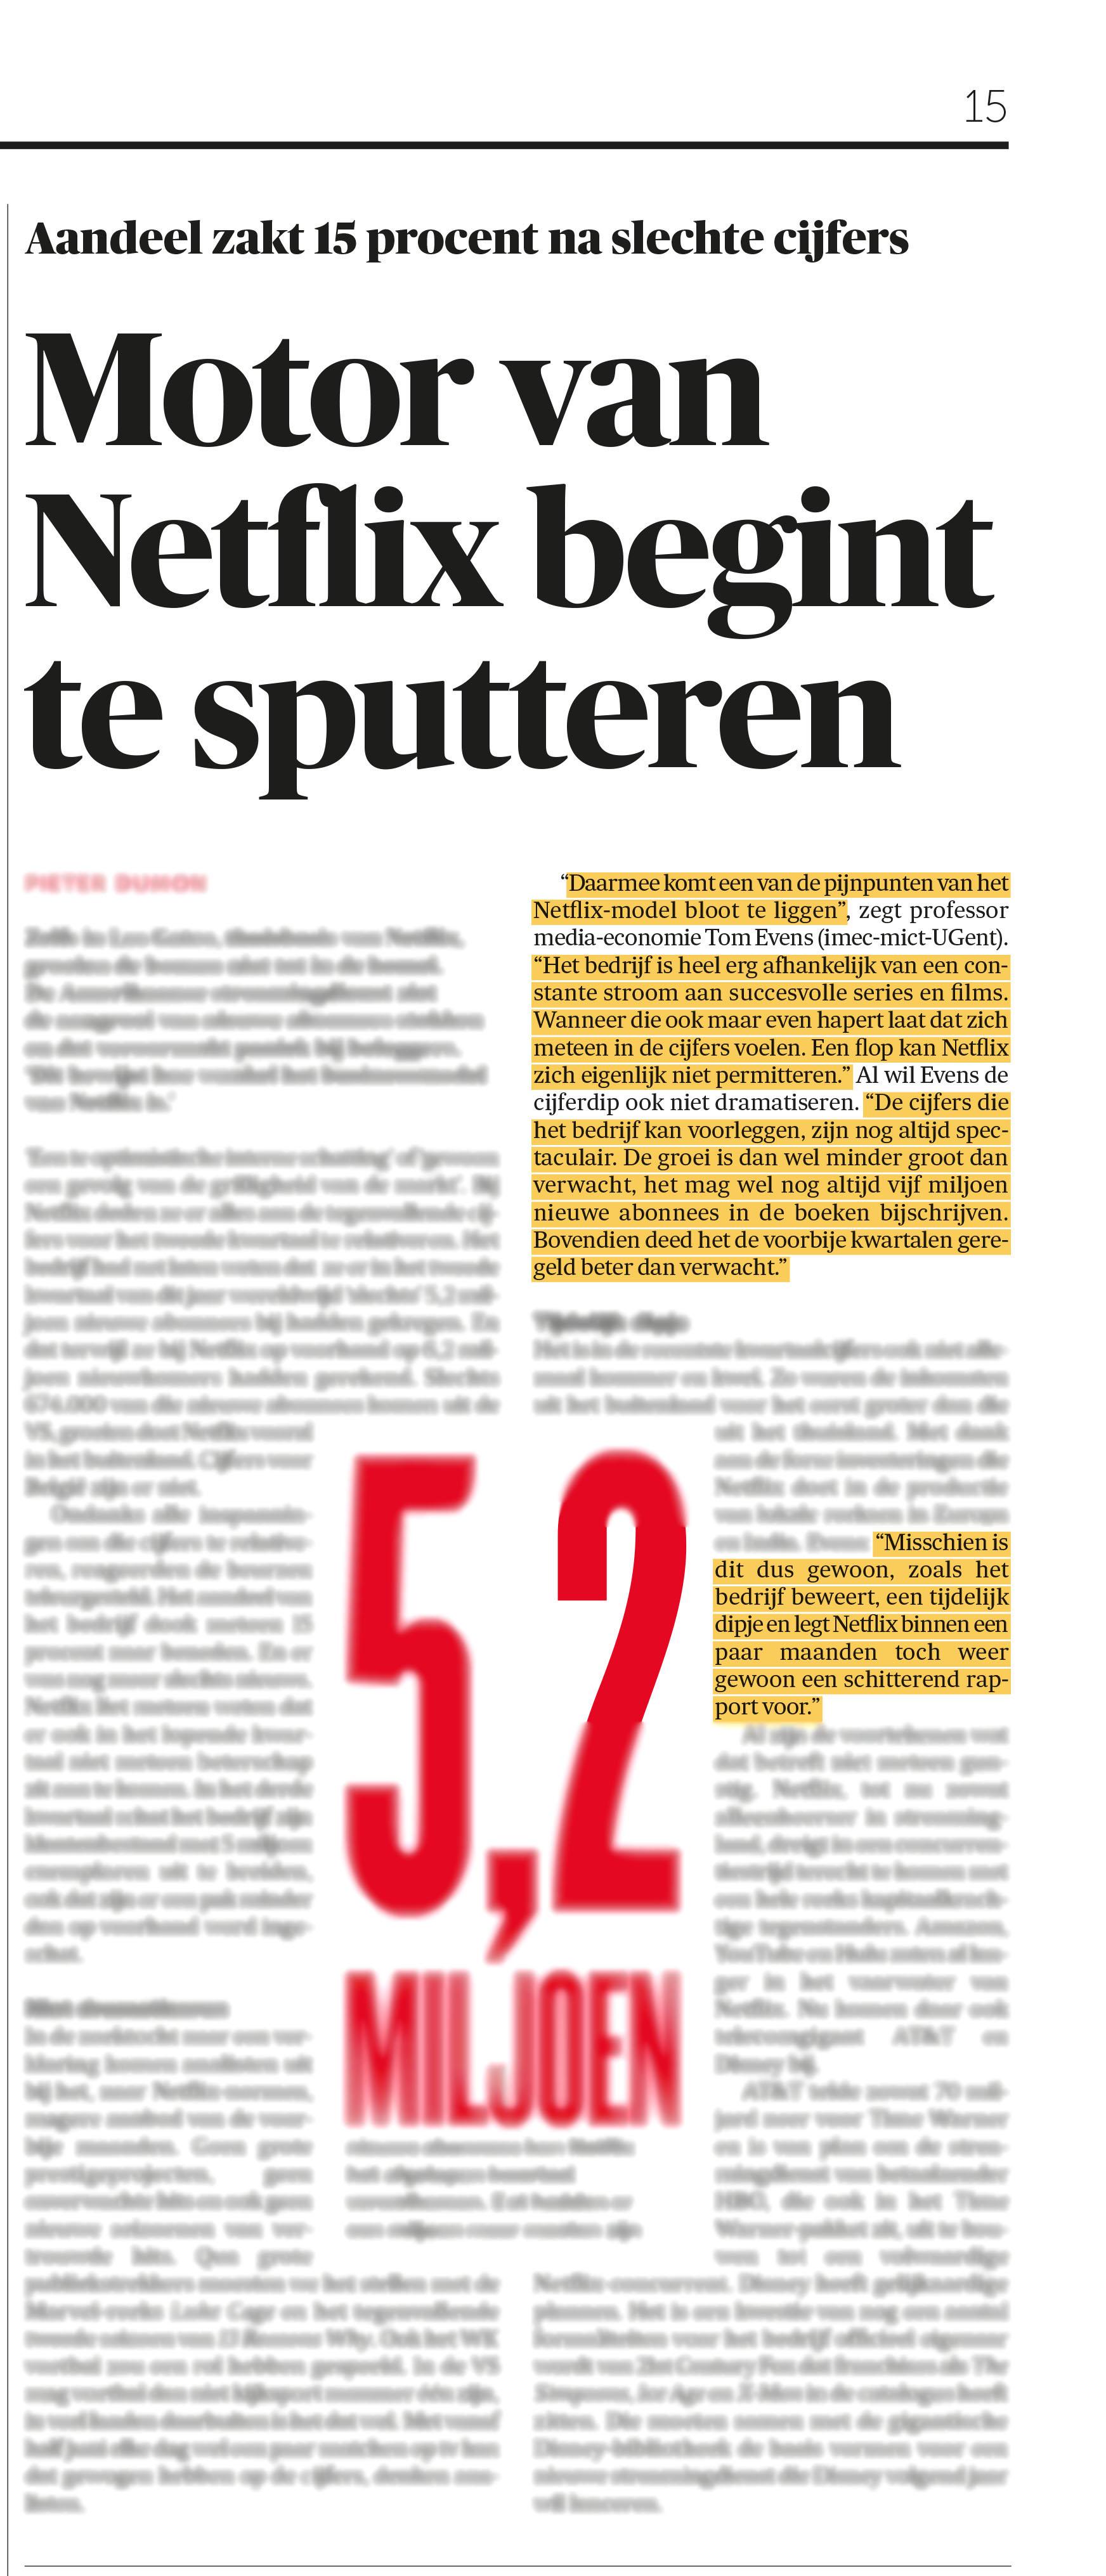 BRON: De Morgen, 18/07/2018, p 15